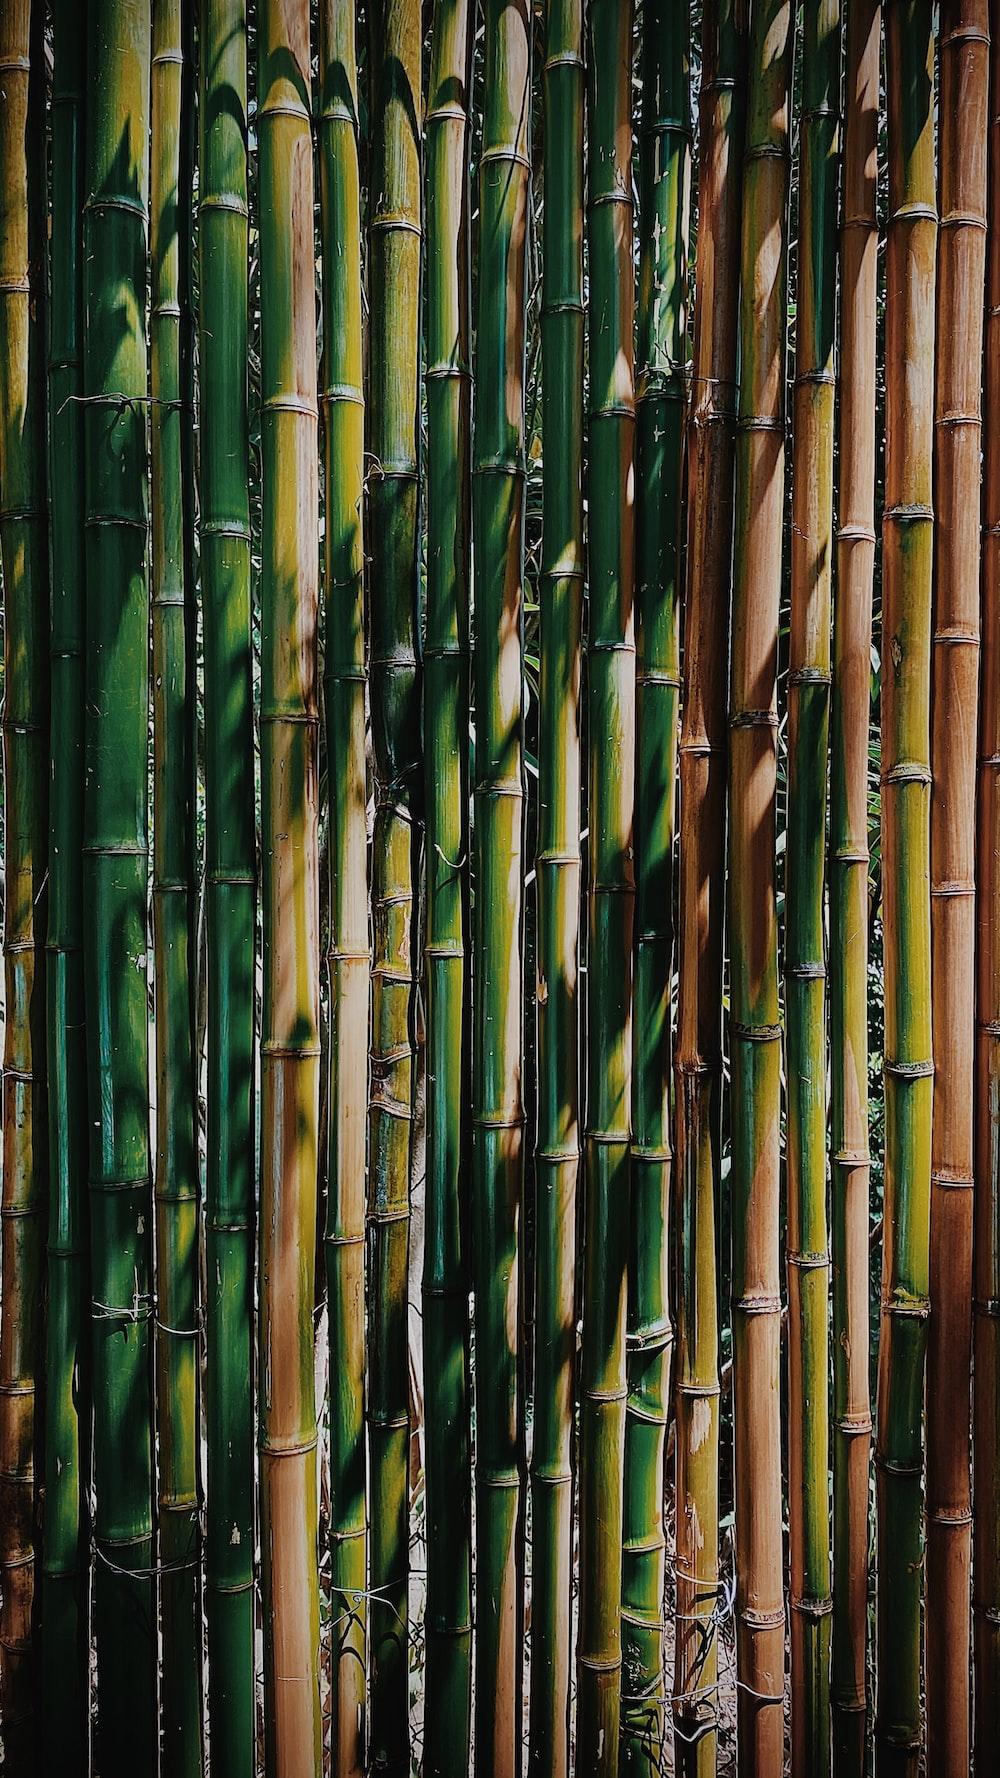 green bamboo sticks during daytime